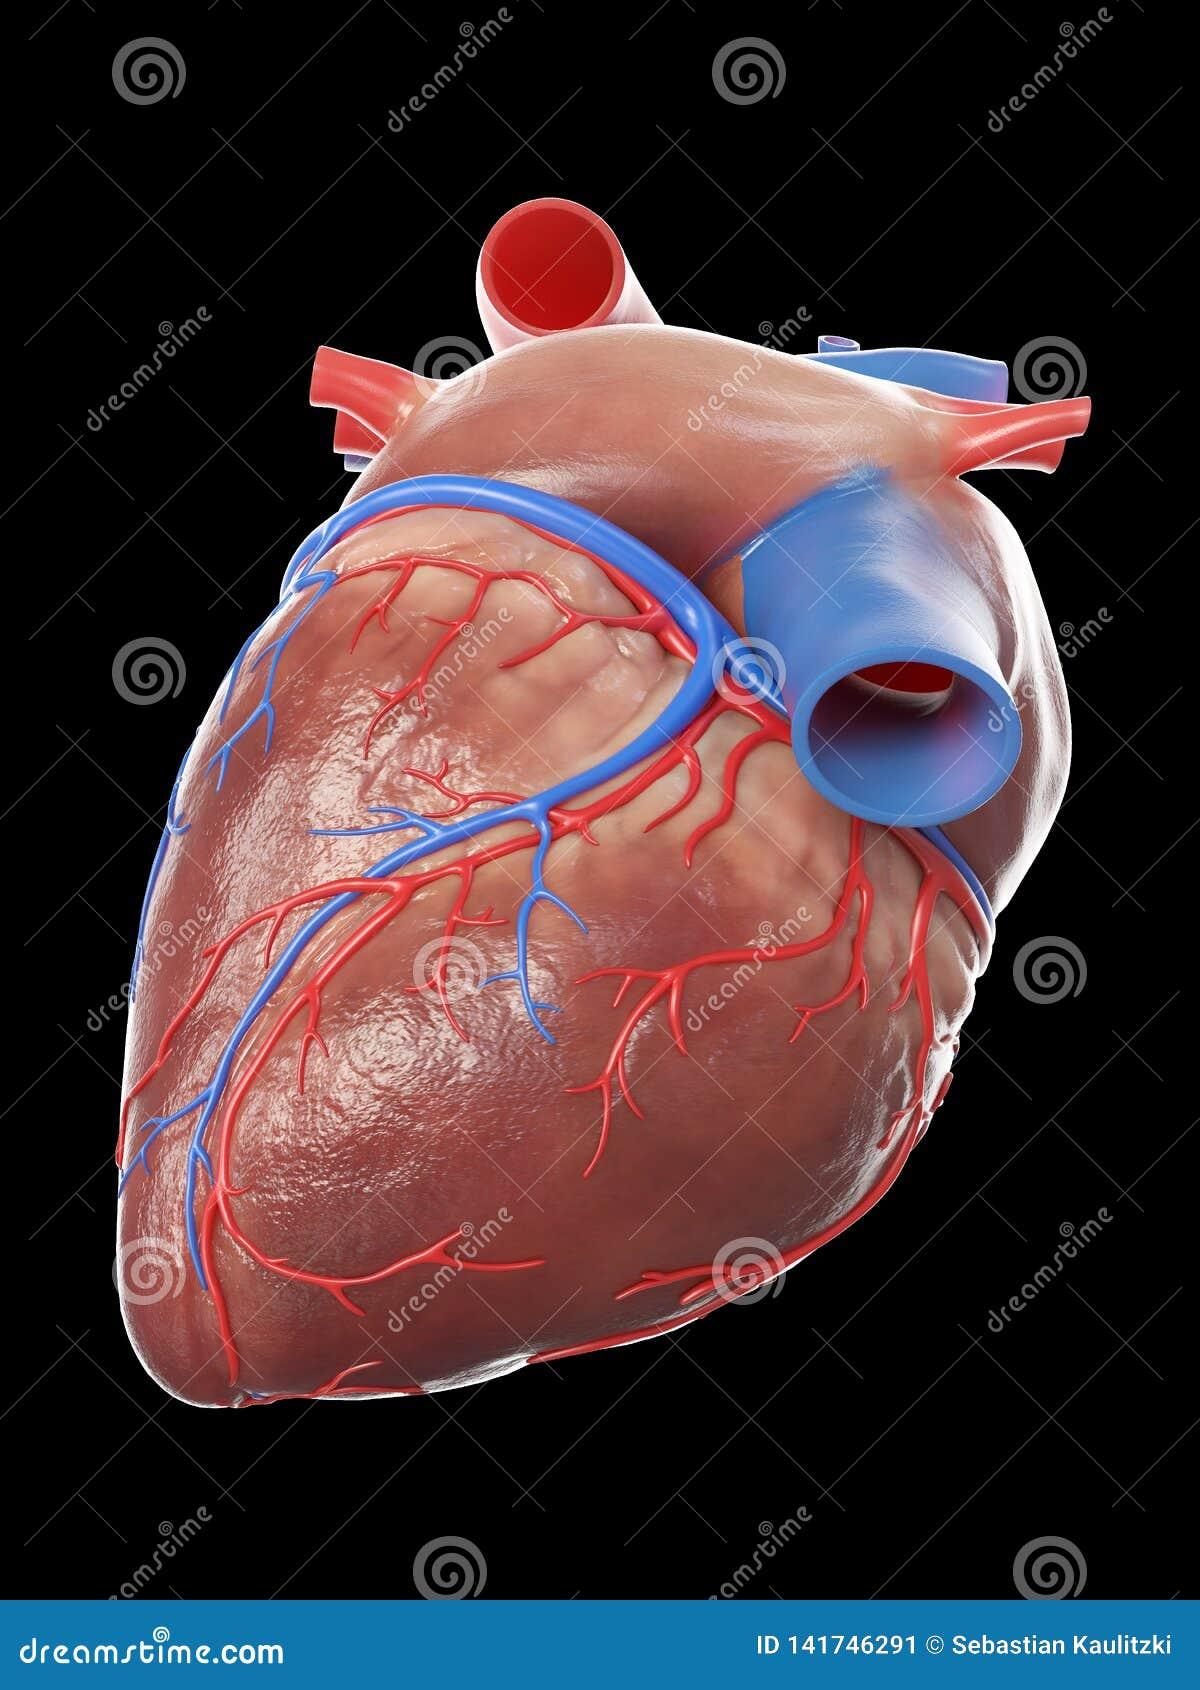 Um coração humano saudável